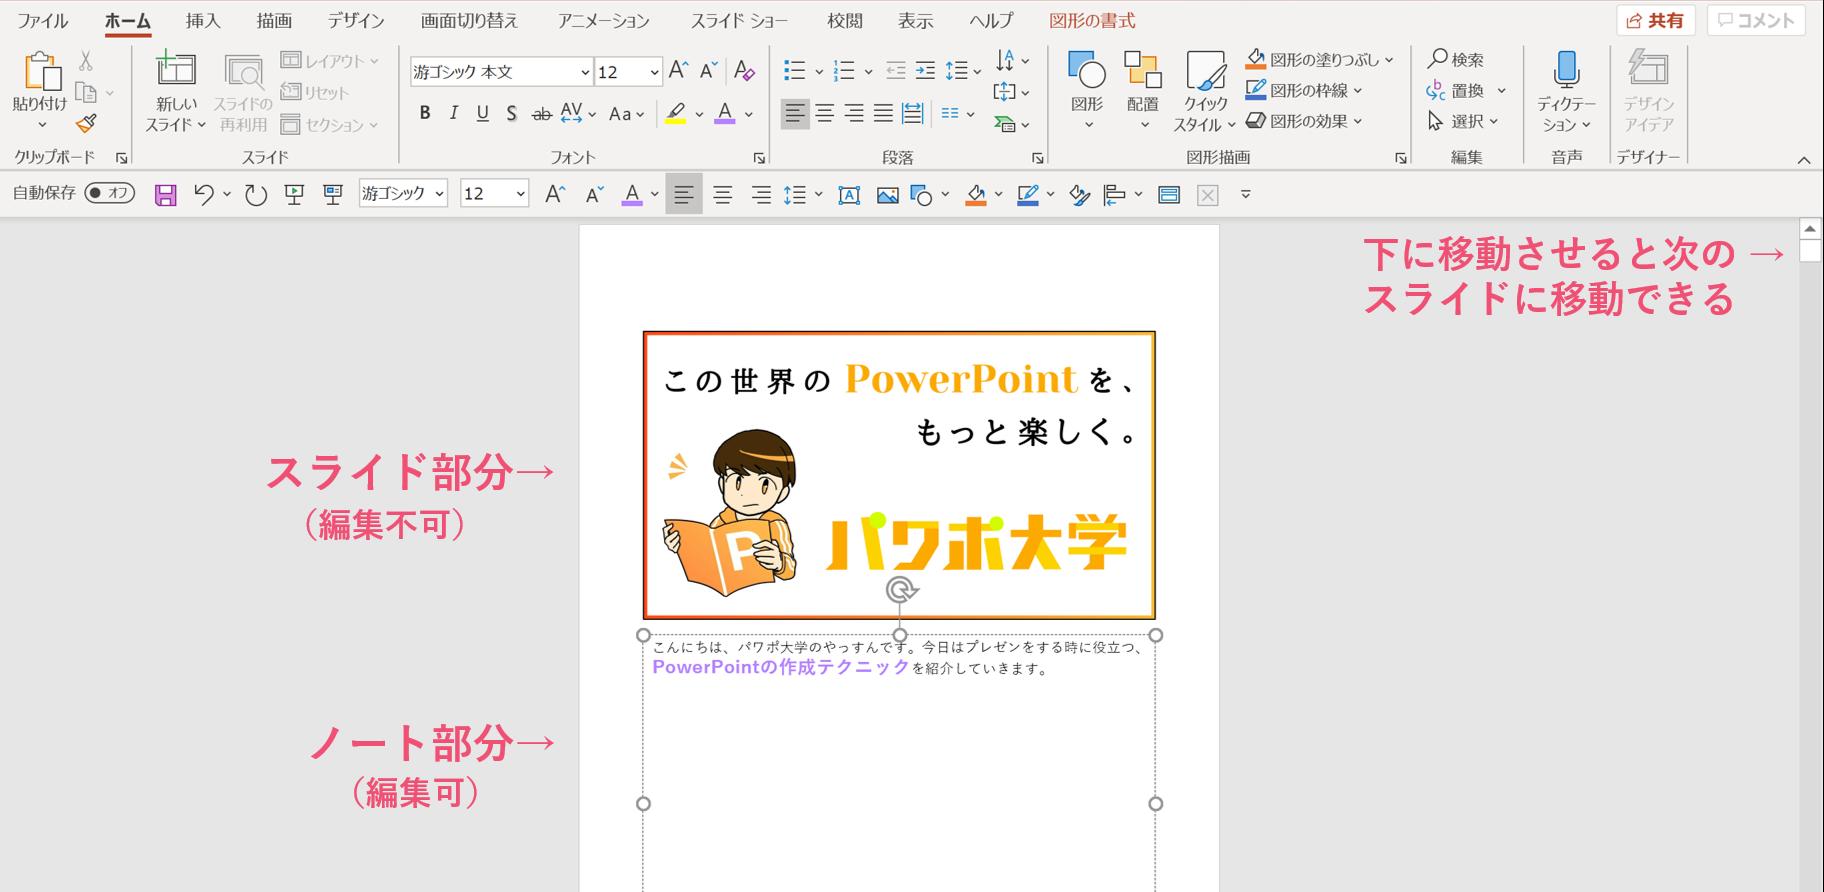 パワーポイントのノート編集画面